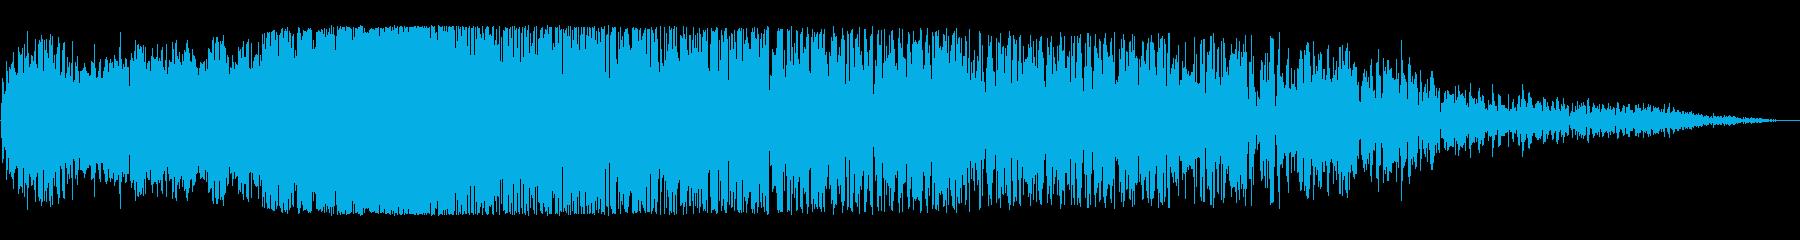 ワープ突入(すさまじさを表現した効果音)の再生済みの波形